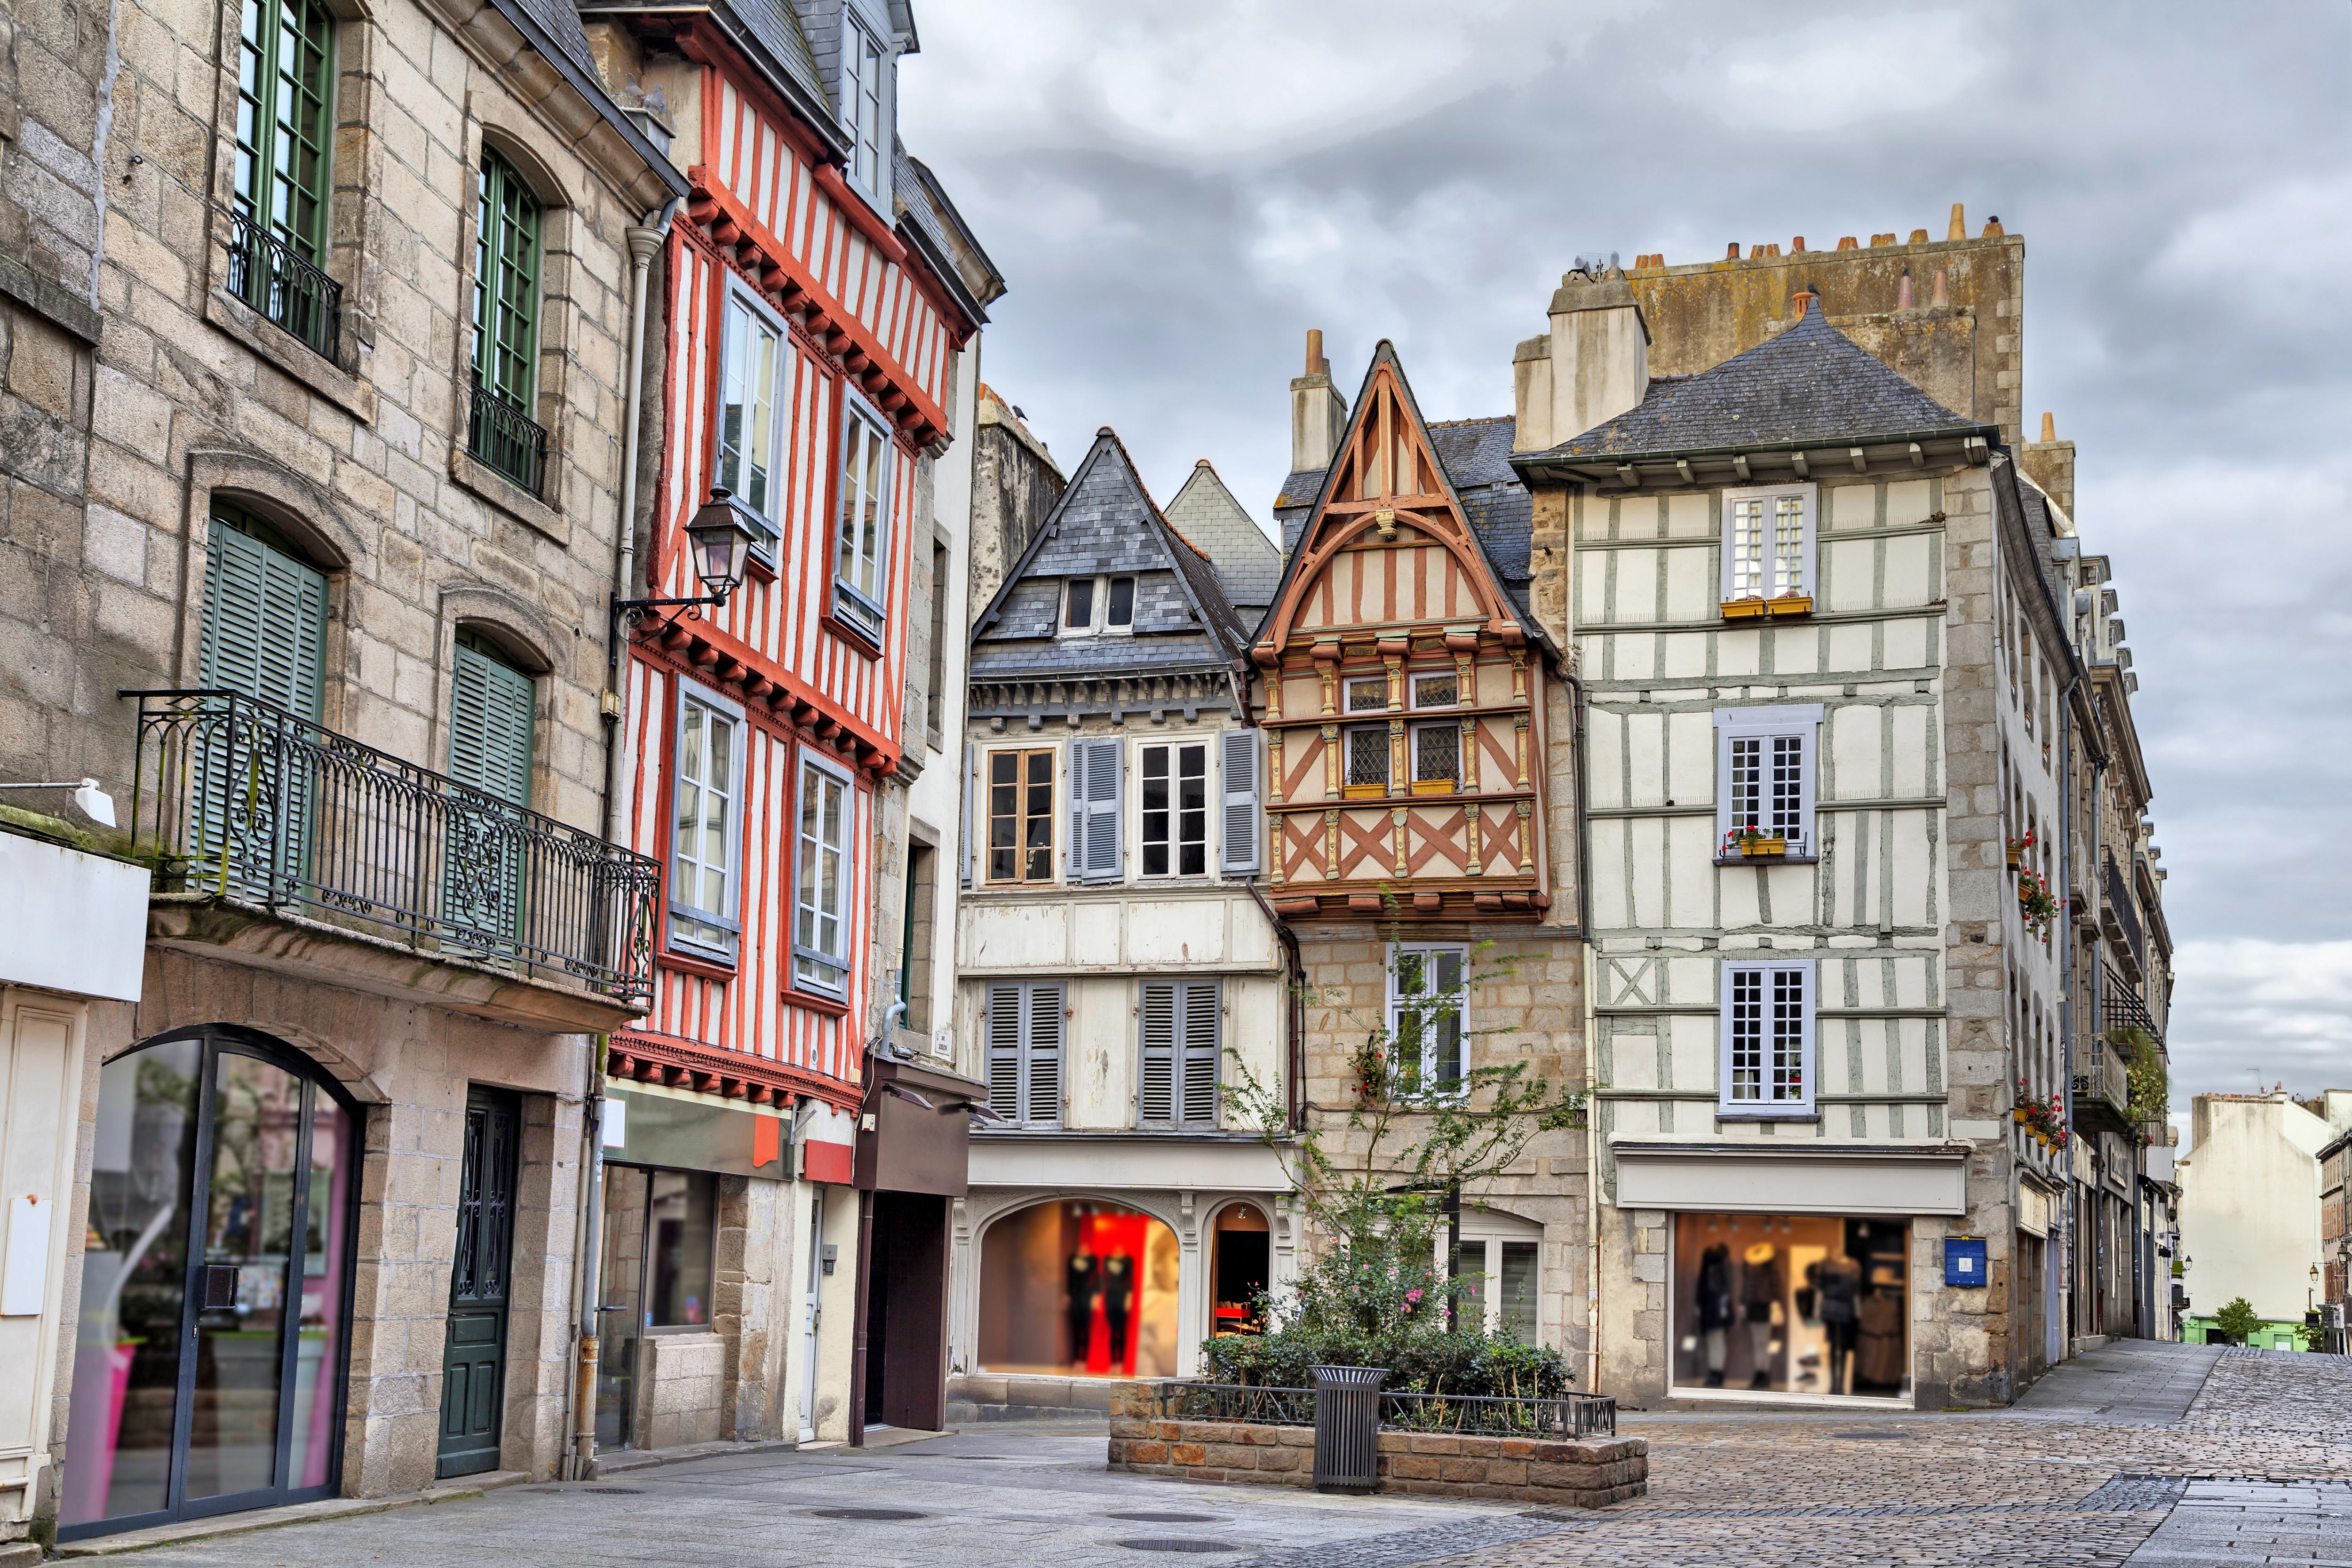 Un mercado en el corazón de Quimper - Francia Circuito Gran Tour de Normandía y Bretaña